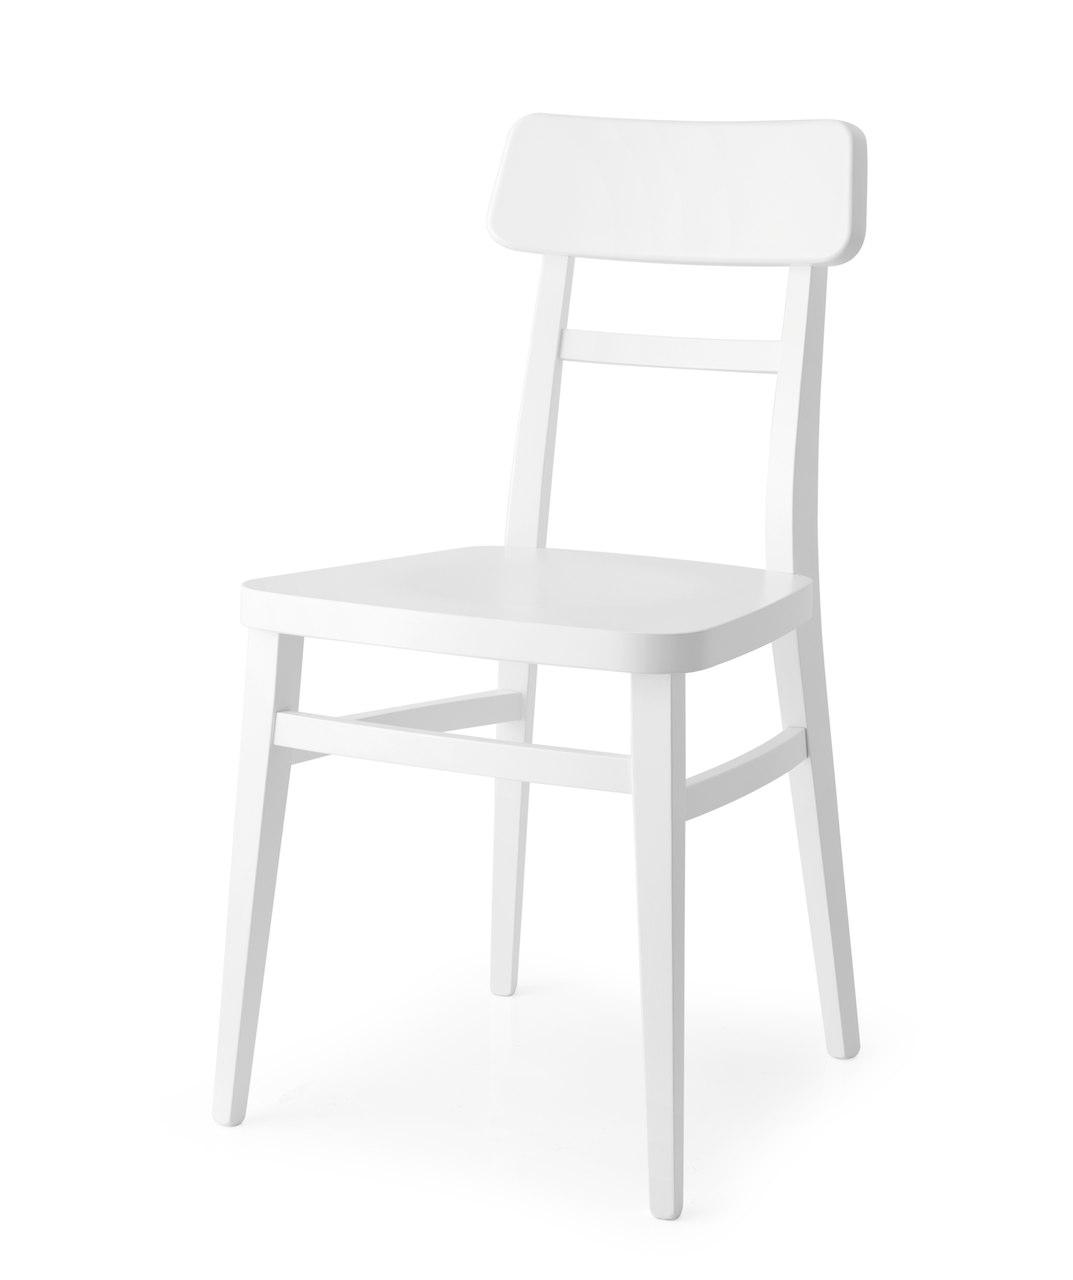 Sedia milano connubia by calligaris linea tavoli e sedie for Prodotti calligaris